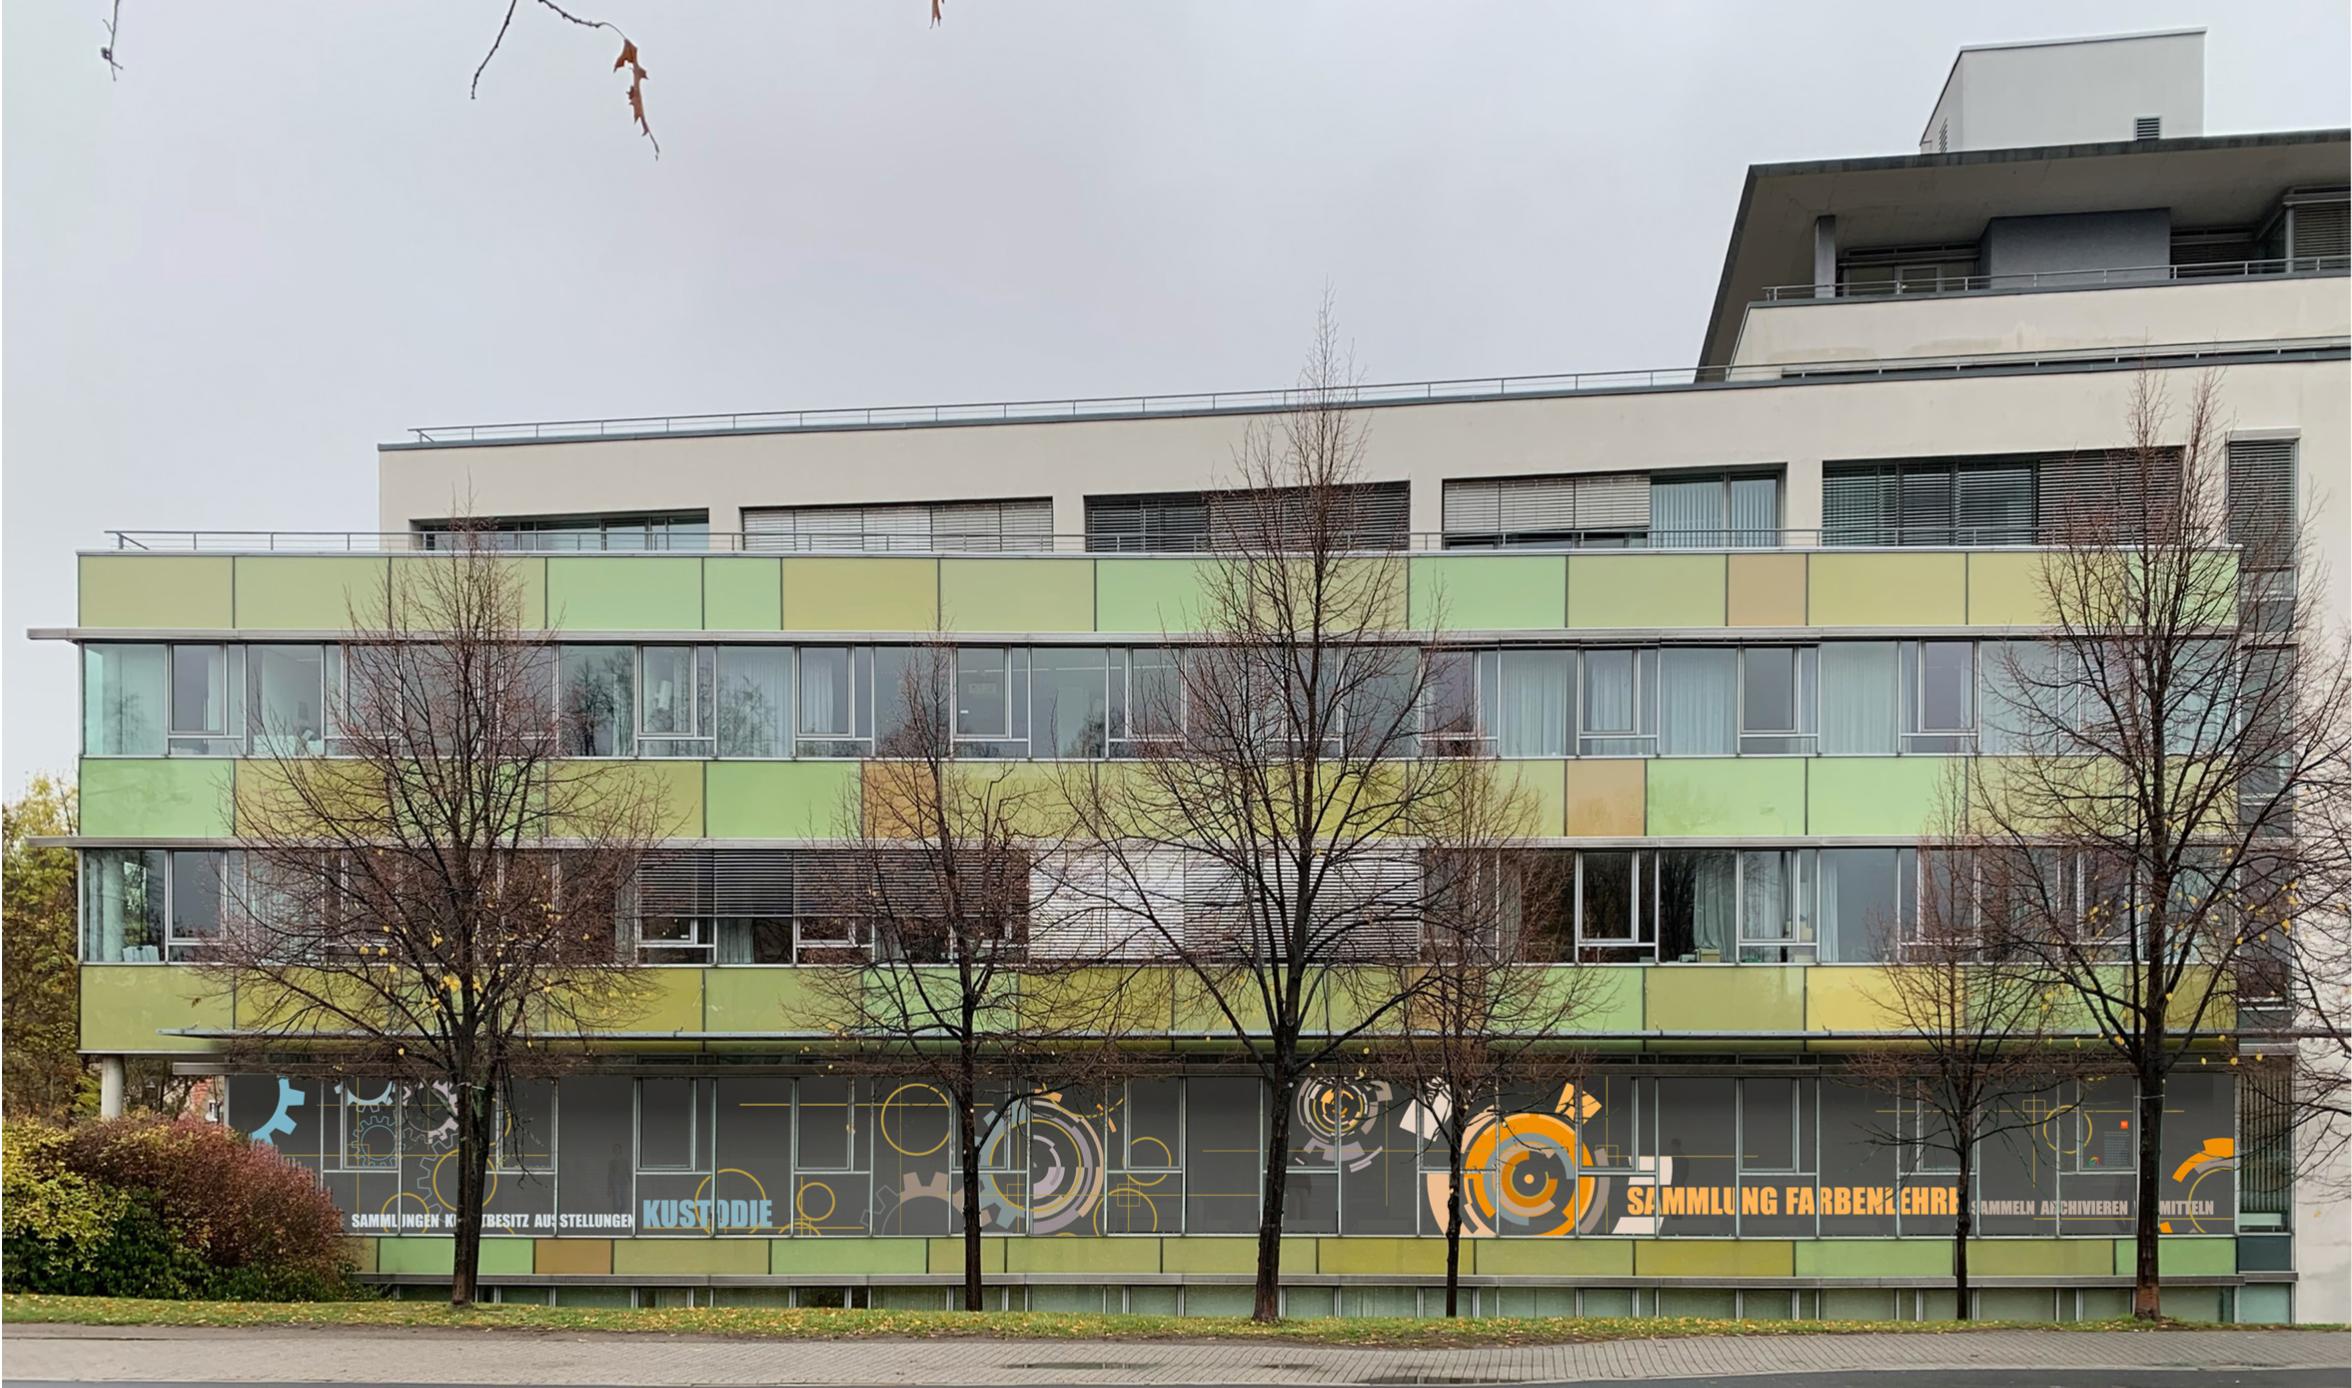 Folienabwicklung_Visualisierung_TU-Dresden